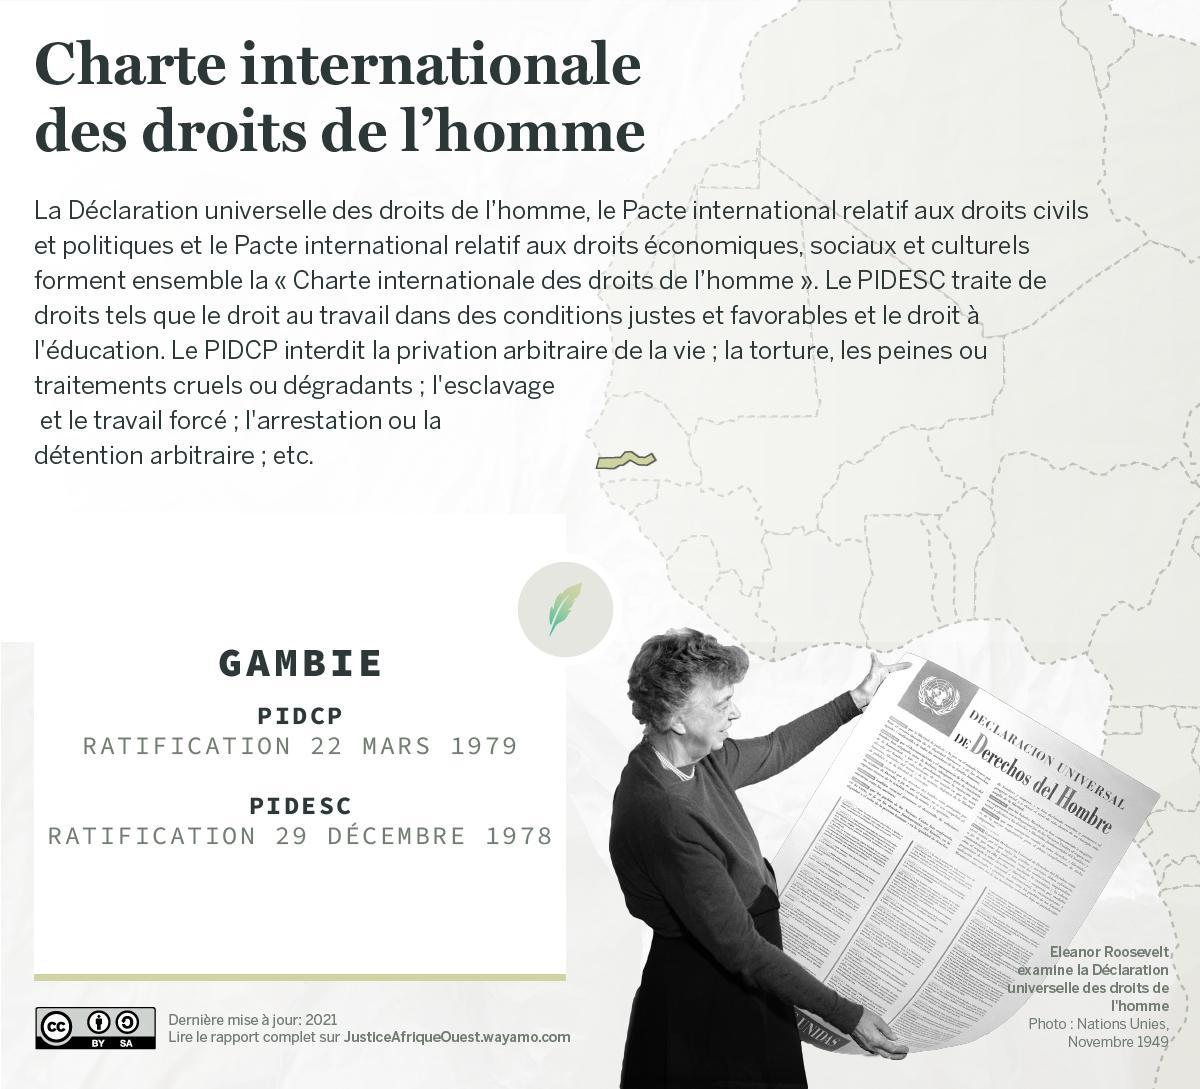 GAMBIE_Charte internationale des droits de l'homme - Wayamo Foundation (CC BY-SA 4.0)